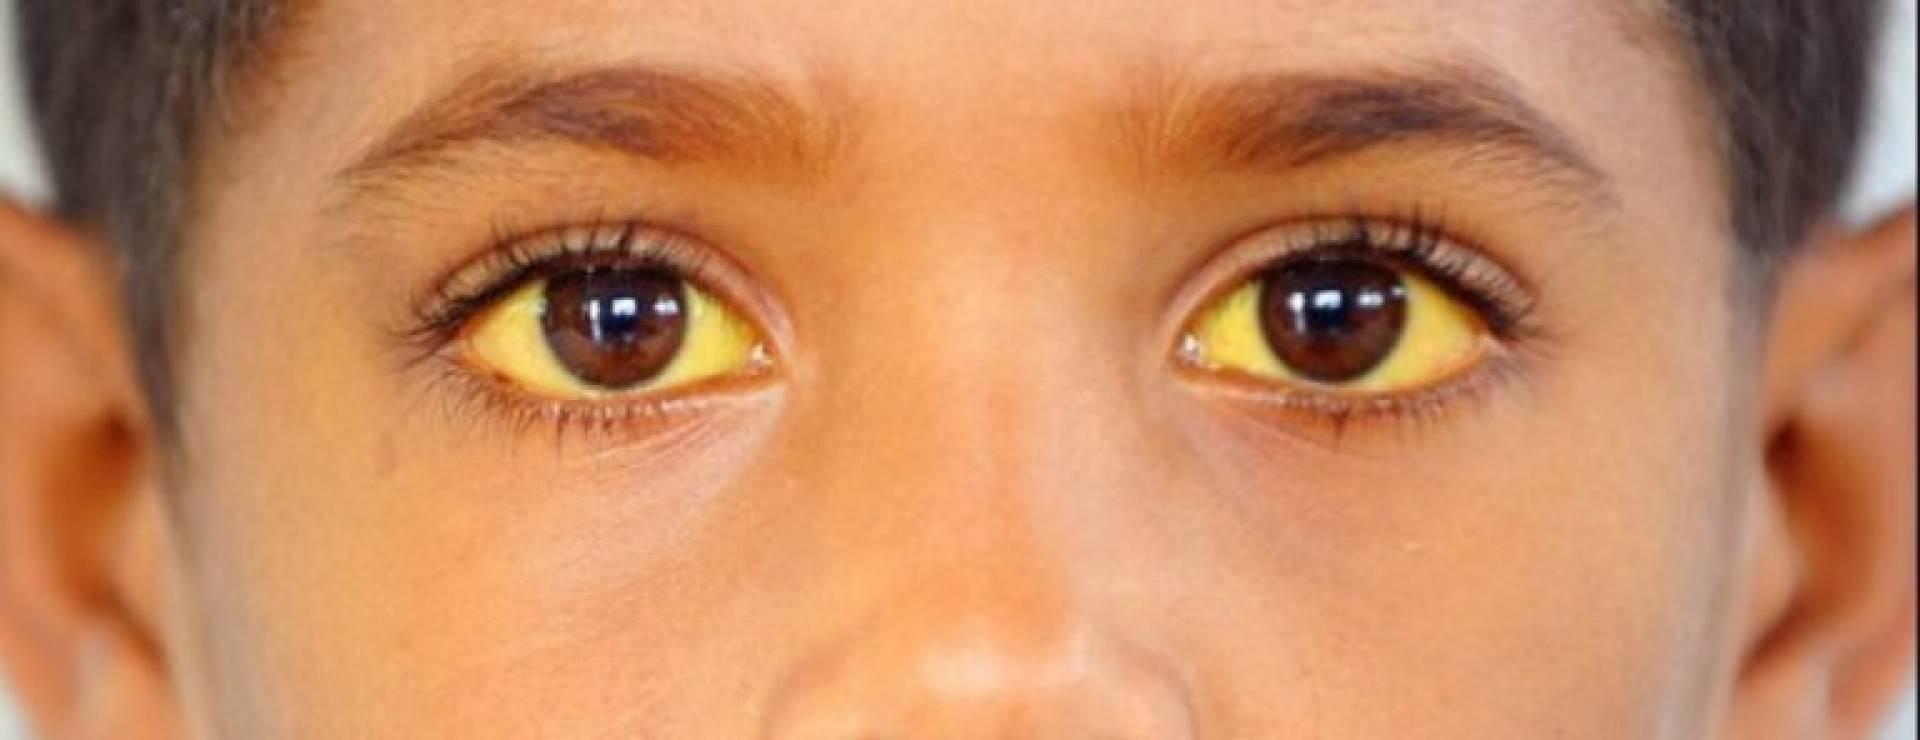 Гипербилирубинемия: какую опасность таит эта патология